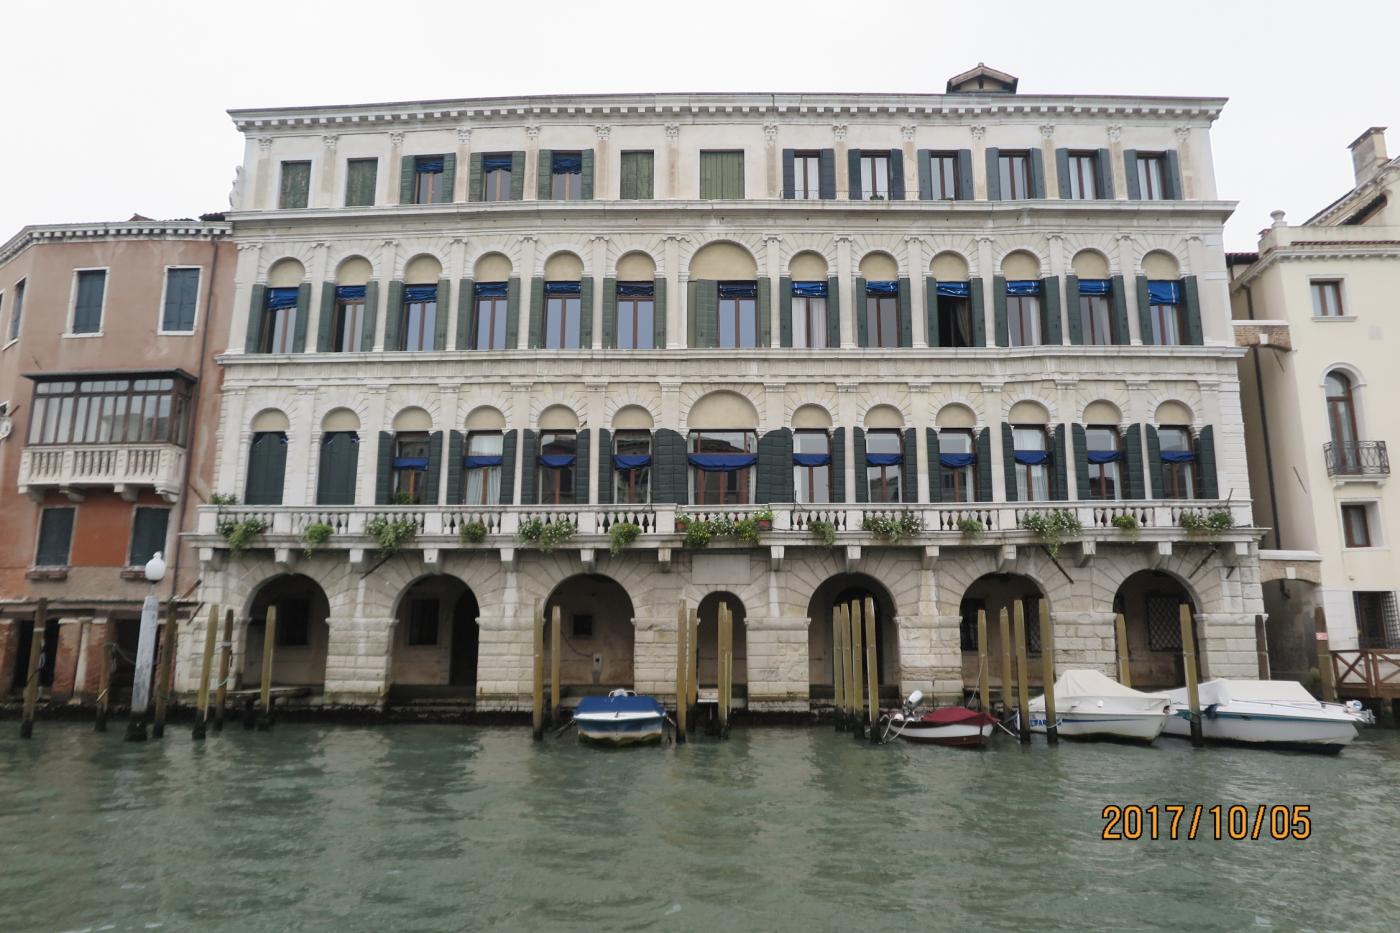 水乡威尼斯:无限的魅力永久的回忆_图1-46